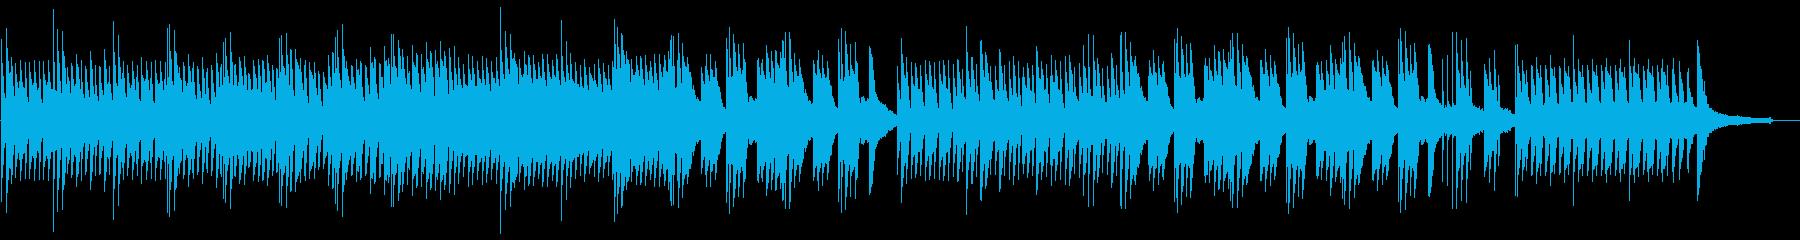 ゆったりと切ないピアノサウンドの再生済みの波形